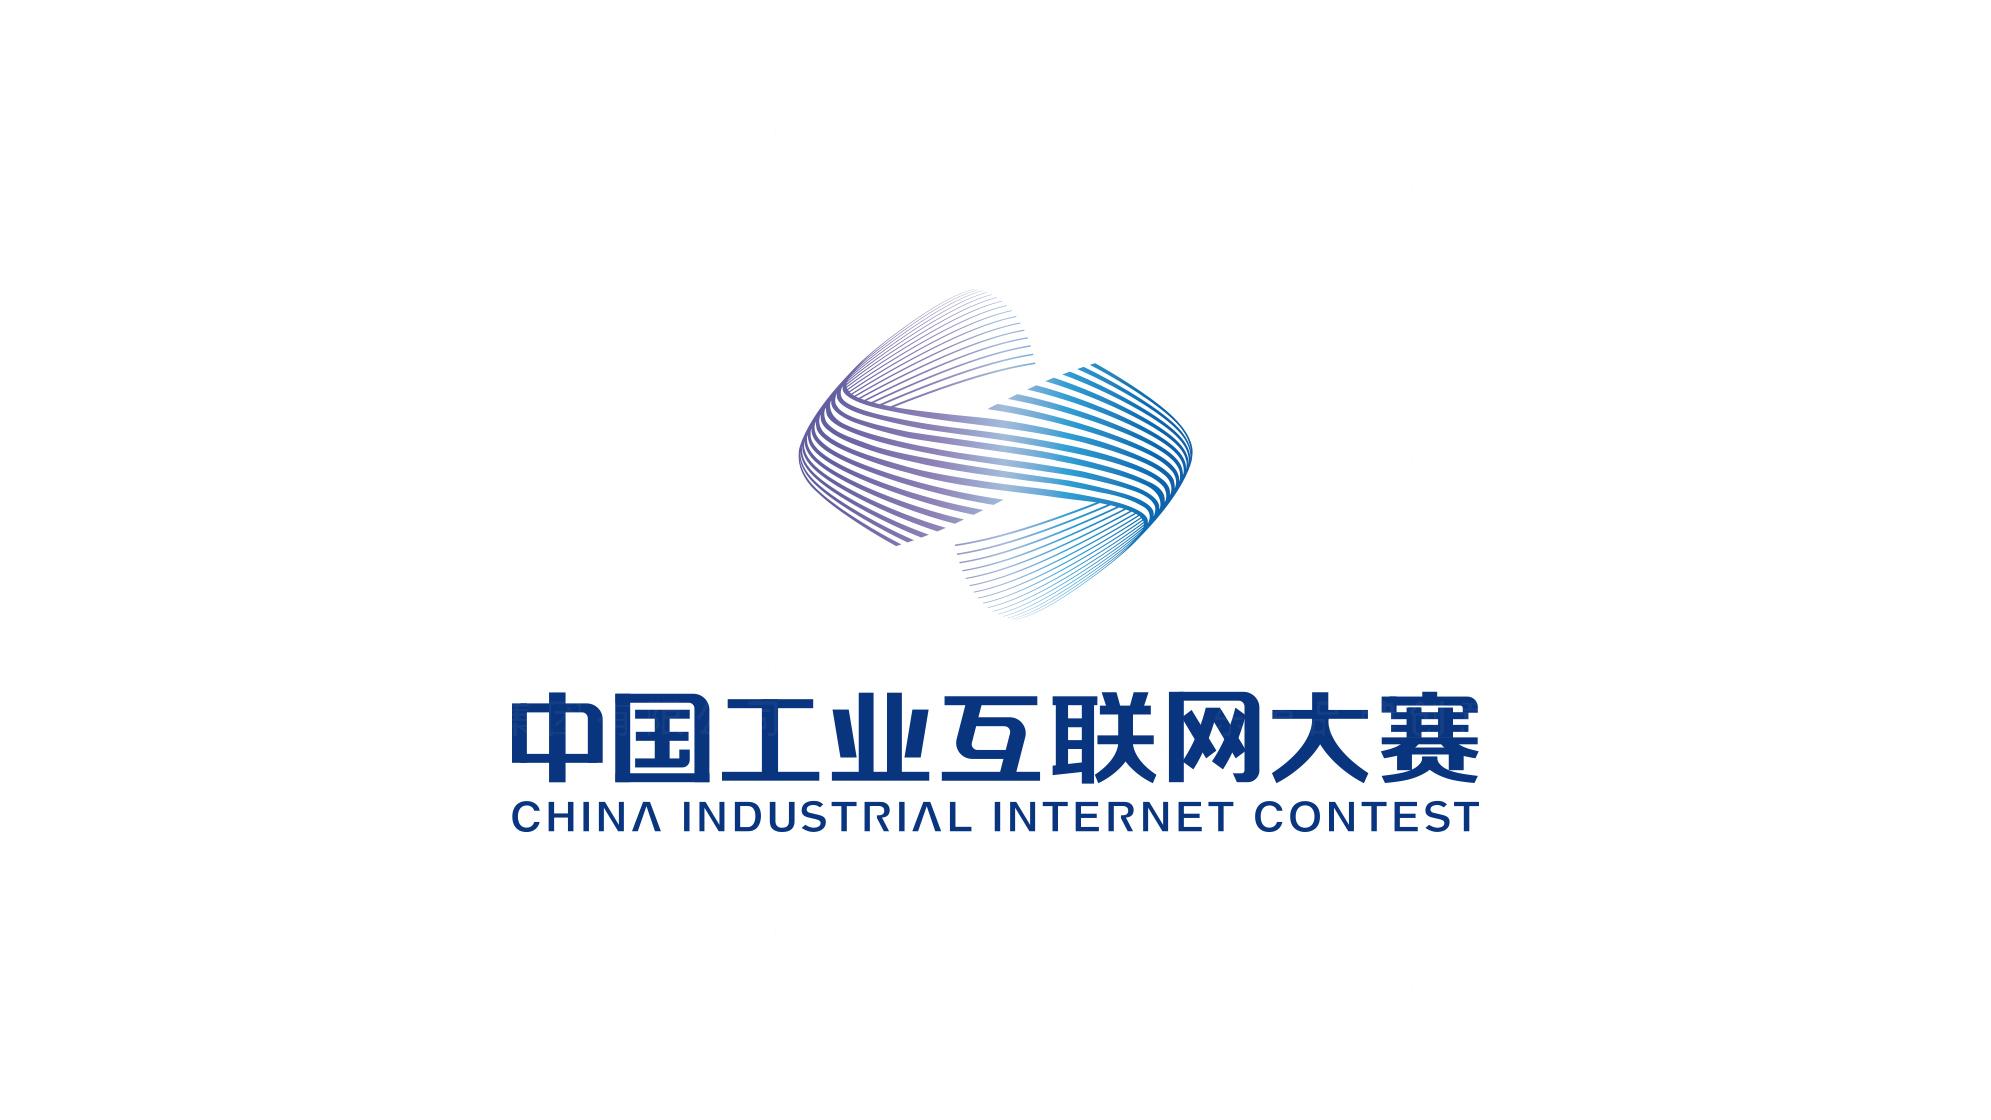 IT通讯品牌设计中国工业互联网大赛LOGO&VI设计